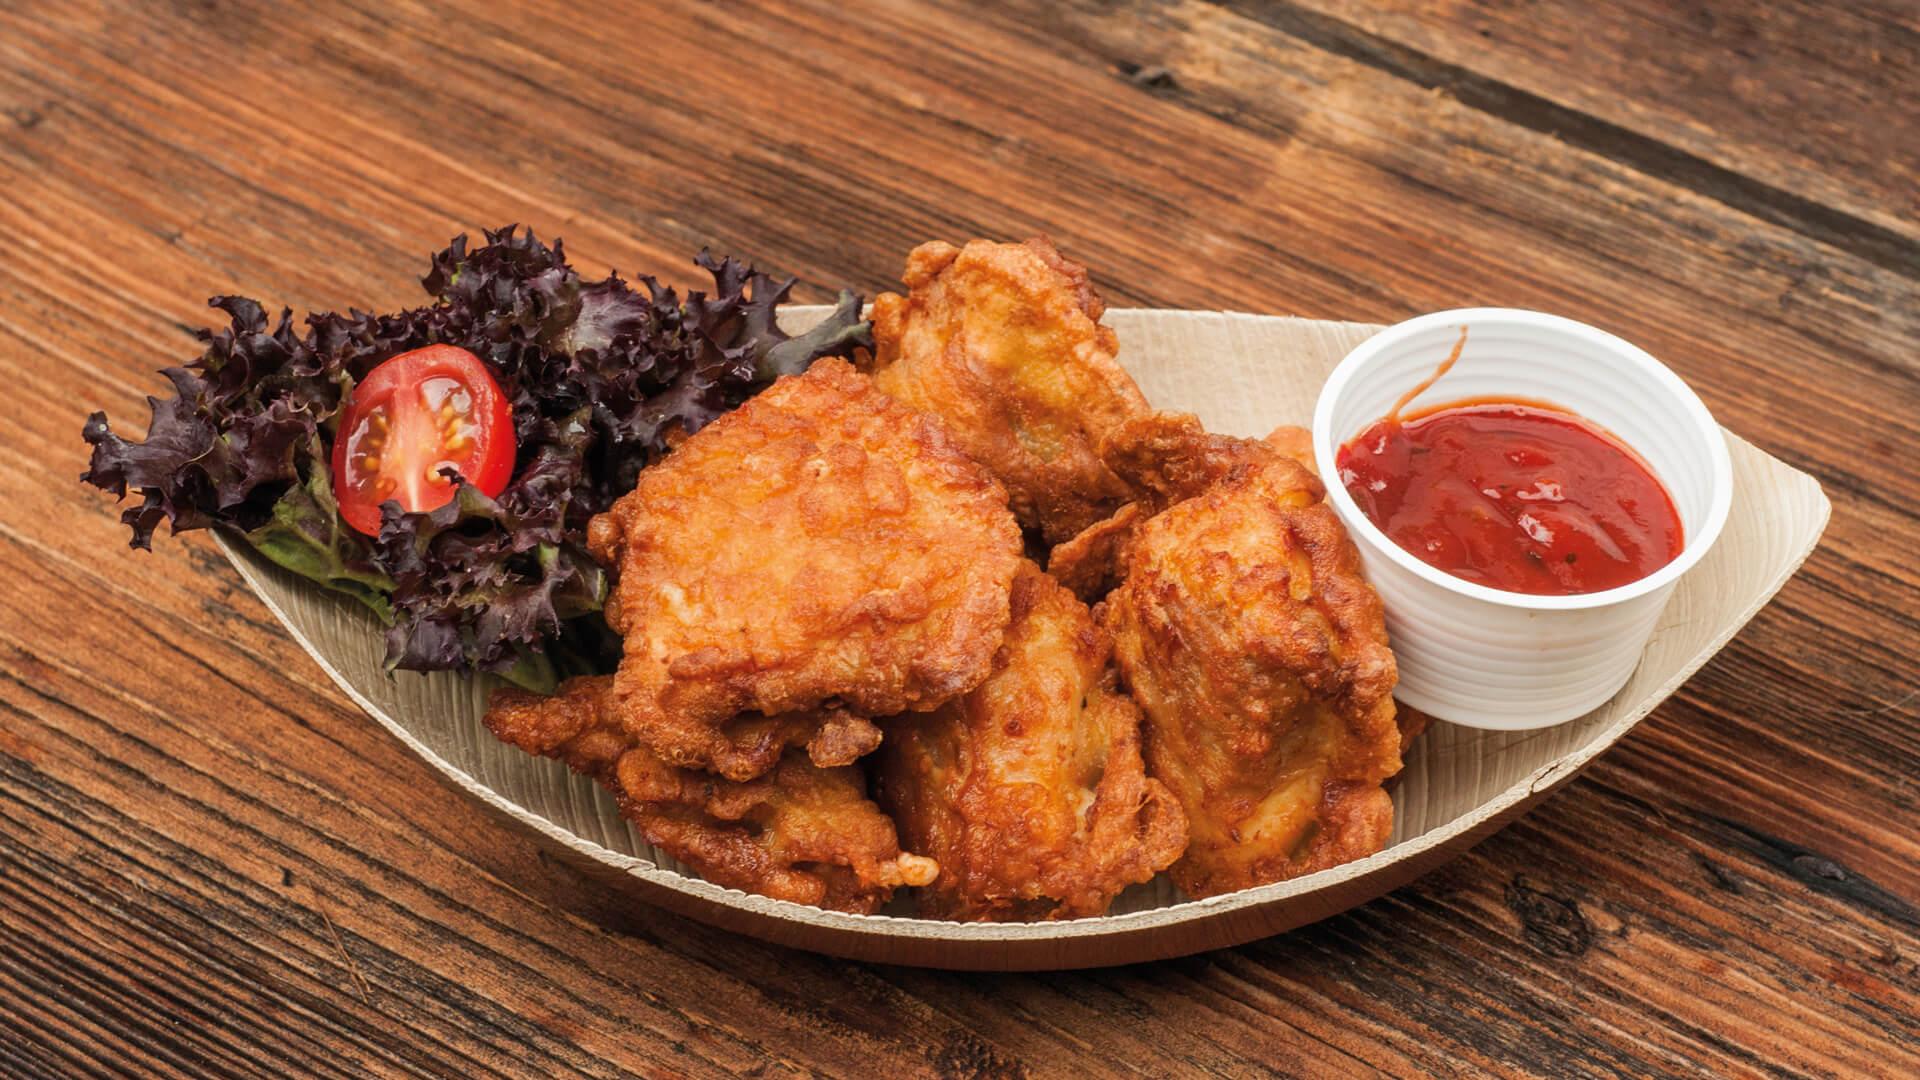 rothornbistro-friedchicken